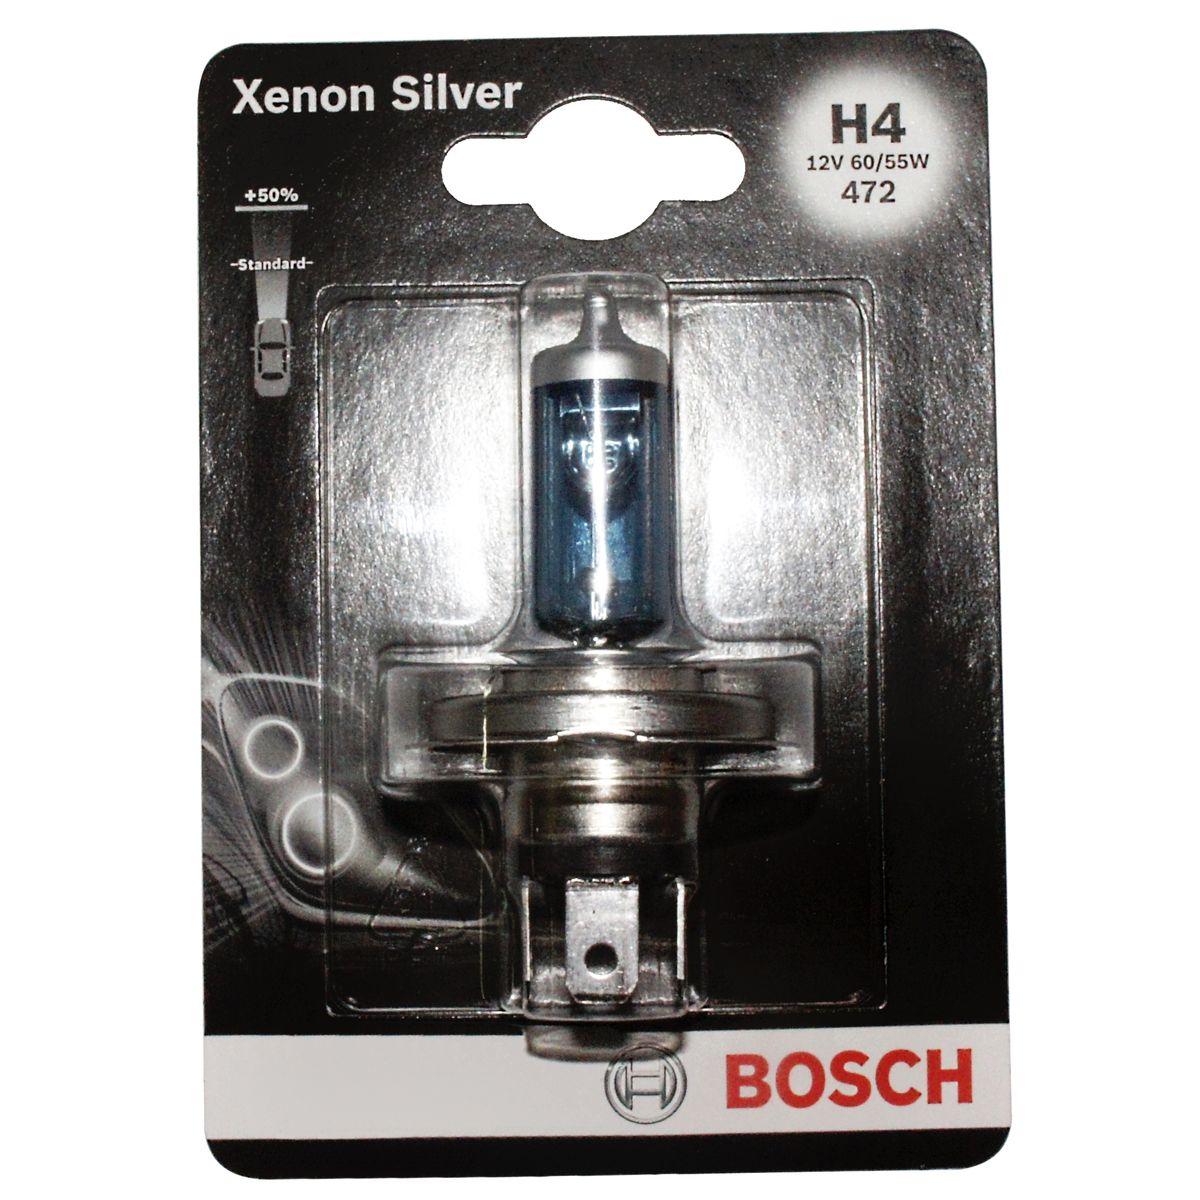 Лампа Bosch Xenon Silver H4 198730106810503Новые лампы Bosch для галогенных фар освещают дорогу интенсивным белым светом, который очень близок по свойствам к дневному освещению.Благодаря этому глаза водителя не теряют фокусировки и меньше устают даже во время долгих поездок в темное время суток. Новые лампы отличаются высокой яркостью и могут давать до 50% больше света, чем стандартные галогенные фары. Лампы Bosch доступны в вариантах H1, H4 и H7. Серебряное покрытие ламп H4 и H7 делает их едва заметными за стеклами выключенных фар. Новые лампы выглядят наиболее эффектно в сочетании с фарами из прозрачного стекла и подчеркивают современный дизайн автомобилей. Увеличенная яркость и дальность освещения положительно сказывается на безопасности движения. В темное время суток или в сложных погодных условиях, таких как ливень или густой туман, водитель замечает опасную ситуацию намного раньше и на большем расстоянии, при этом лучше заметен и сам автомобиль с фарами Bosch. Напряжение: 12 вольт